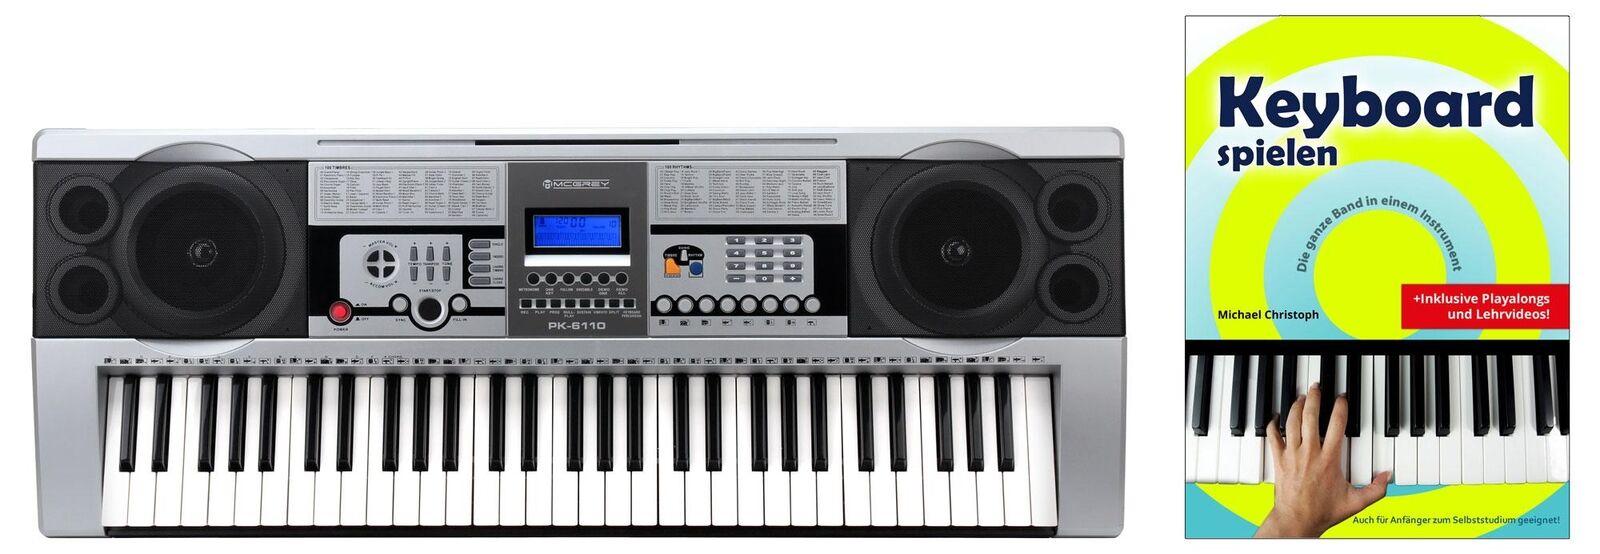 Digital 61 Tasten Keyboard Keyboardschule 100 Sounds & Rhythmen Lernfunktion